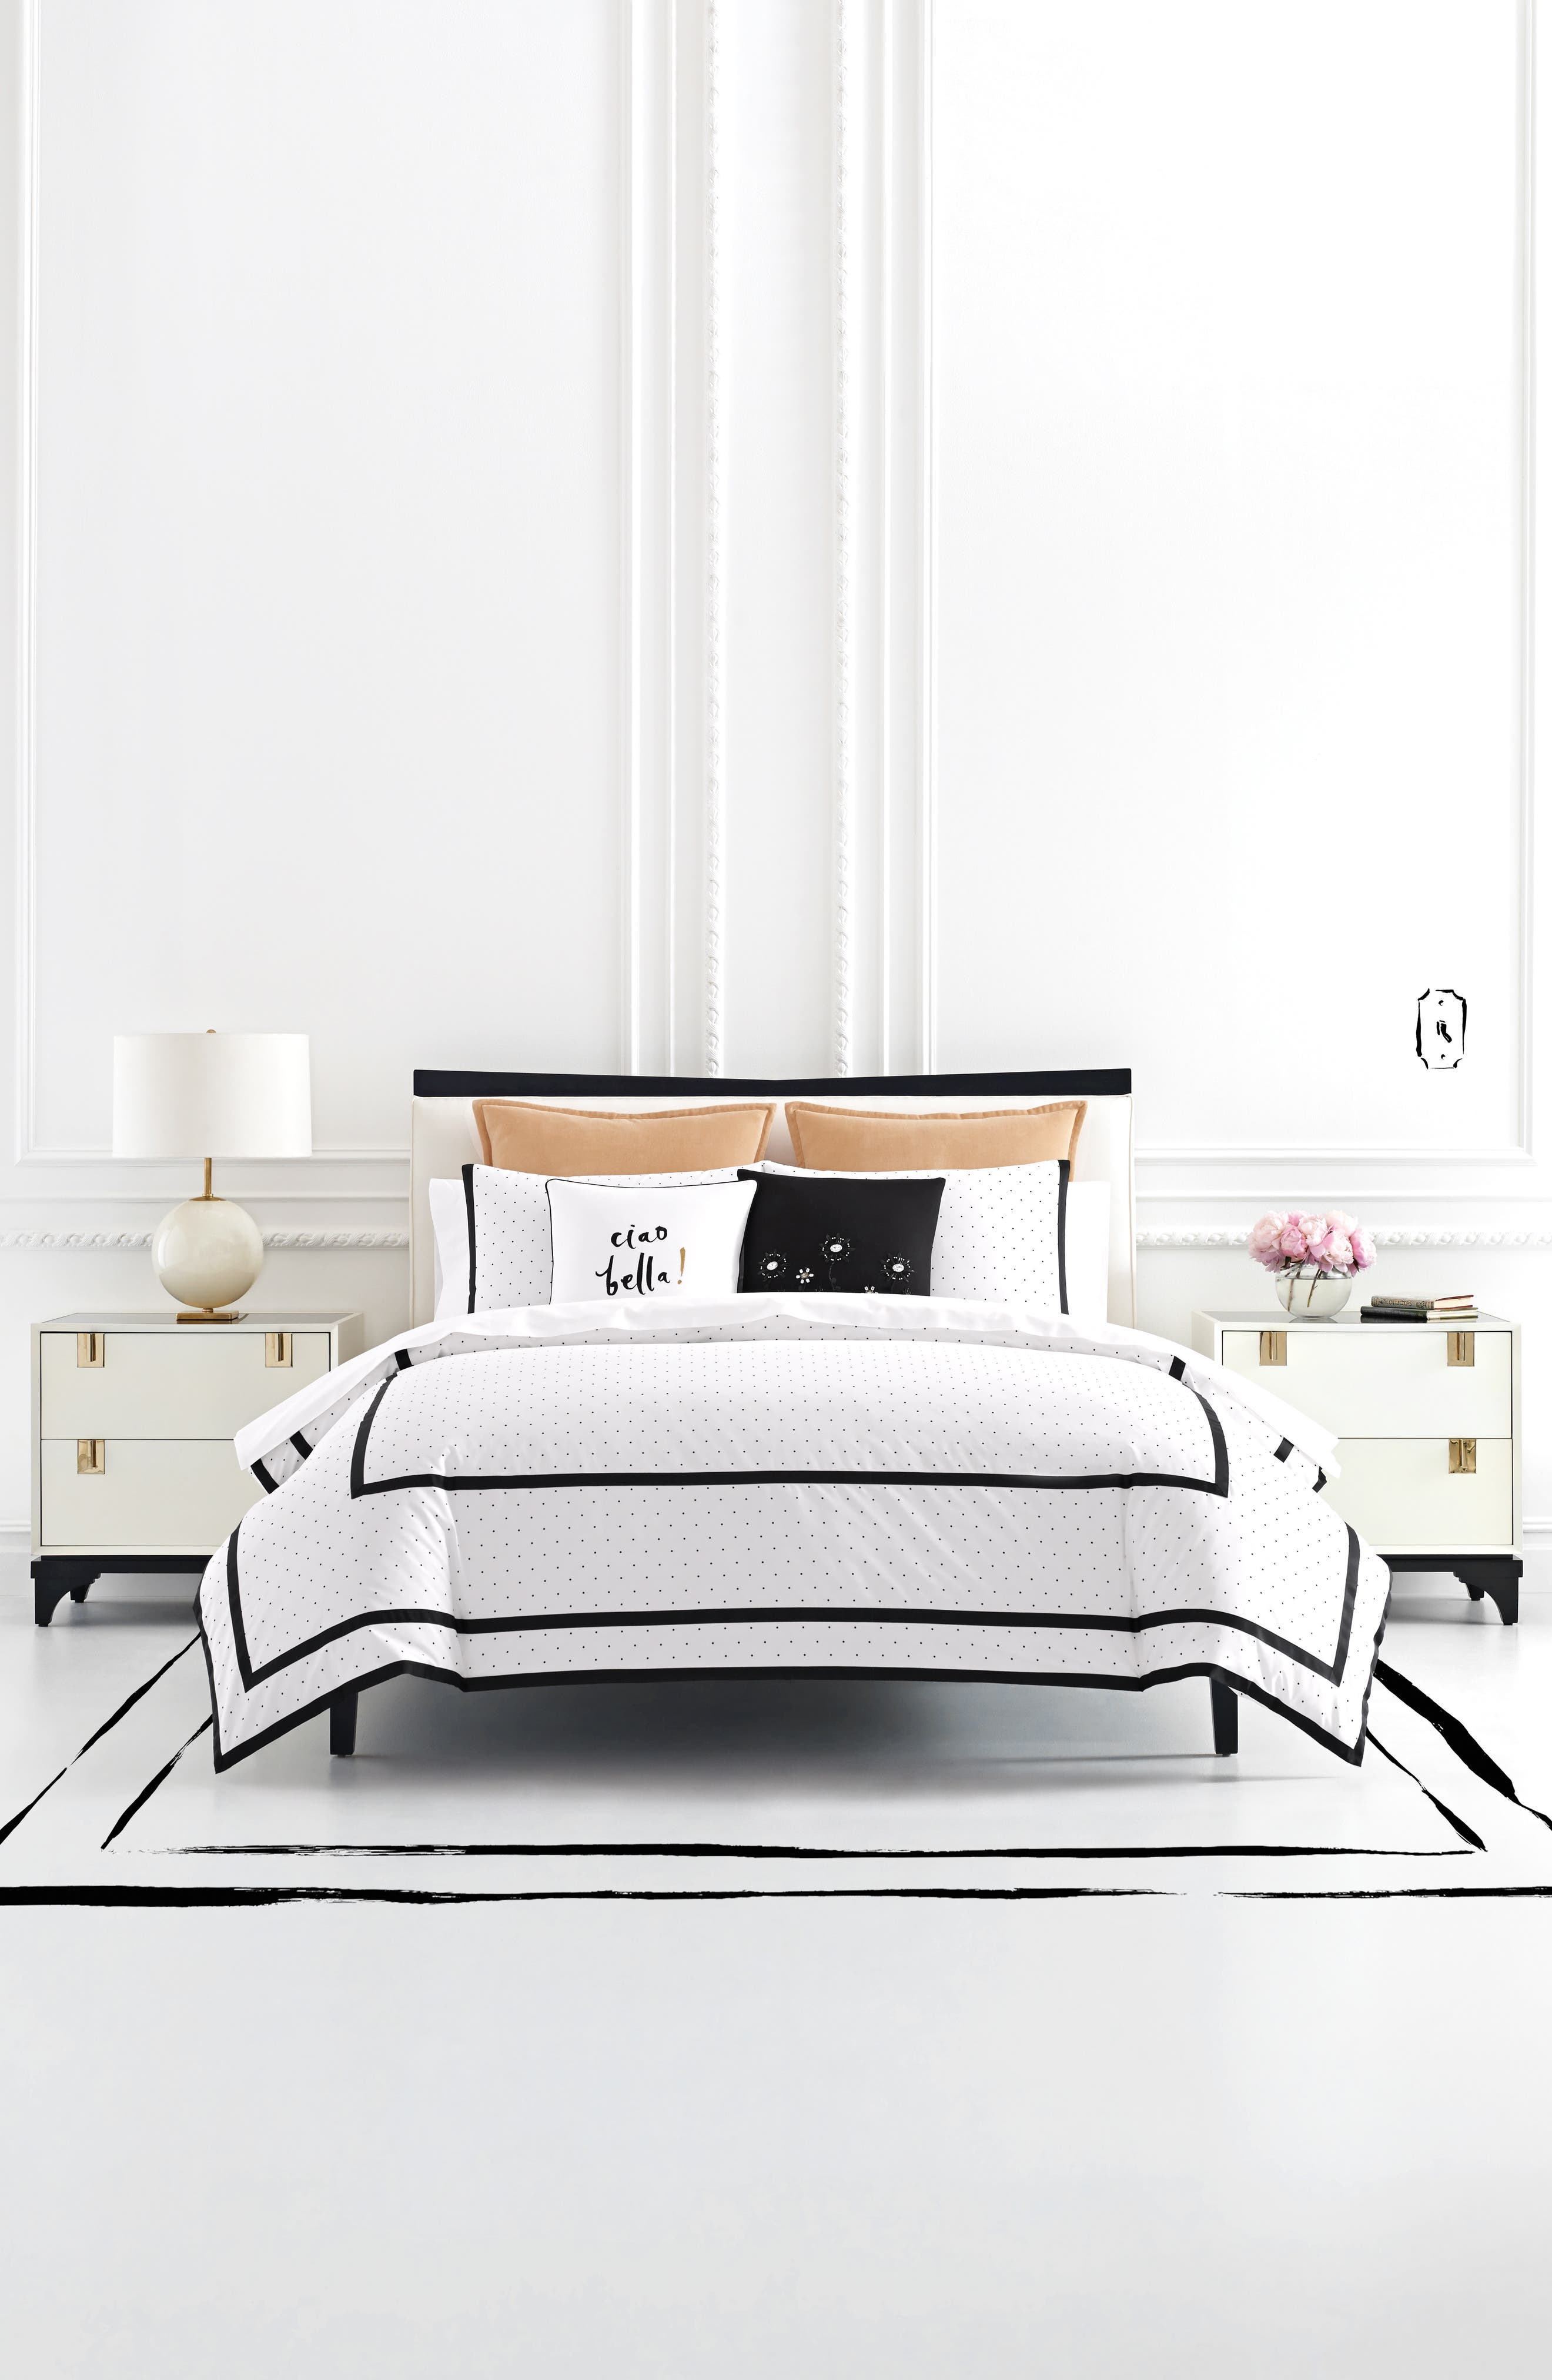 kate spade new york dot frame comforter & sham set